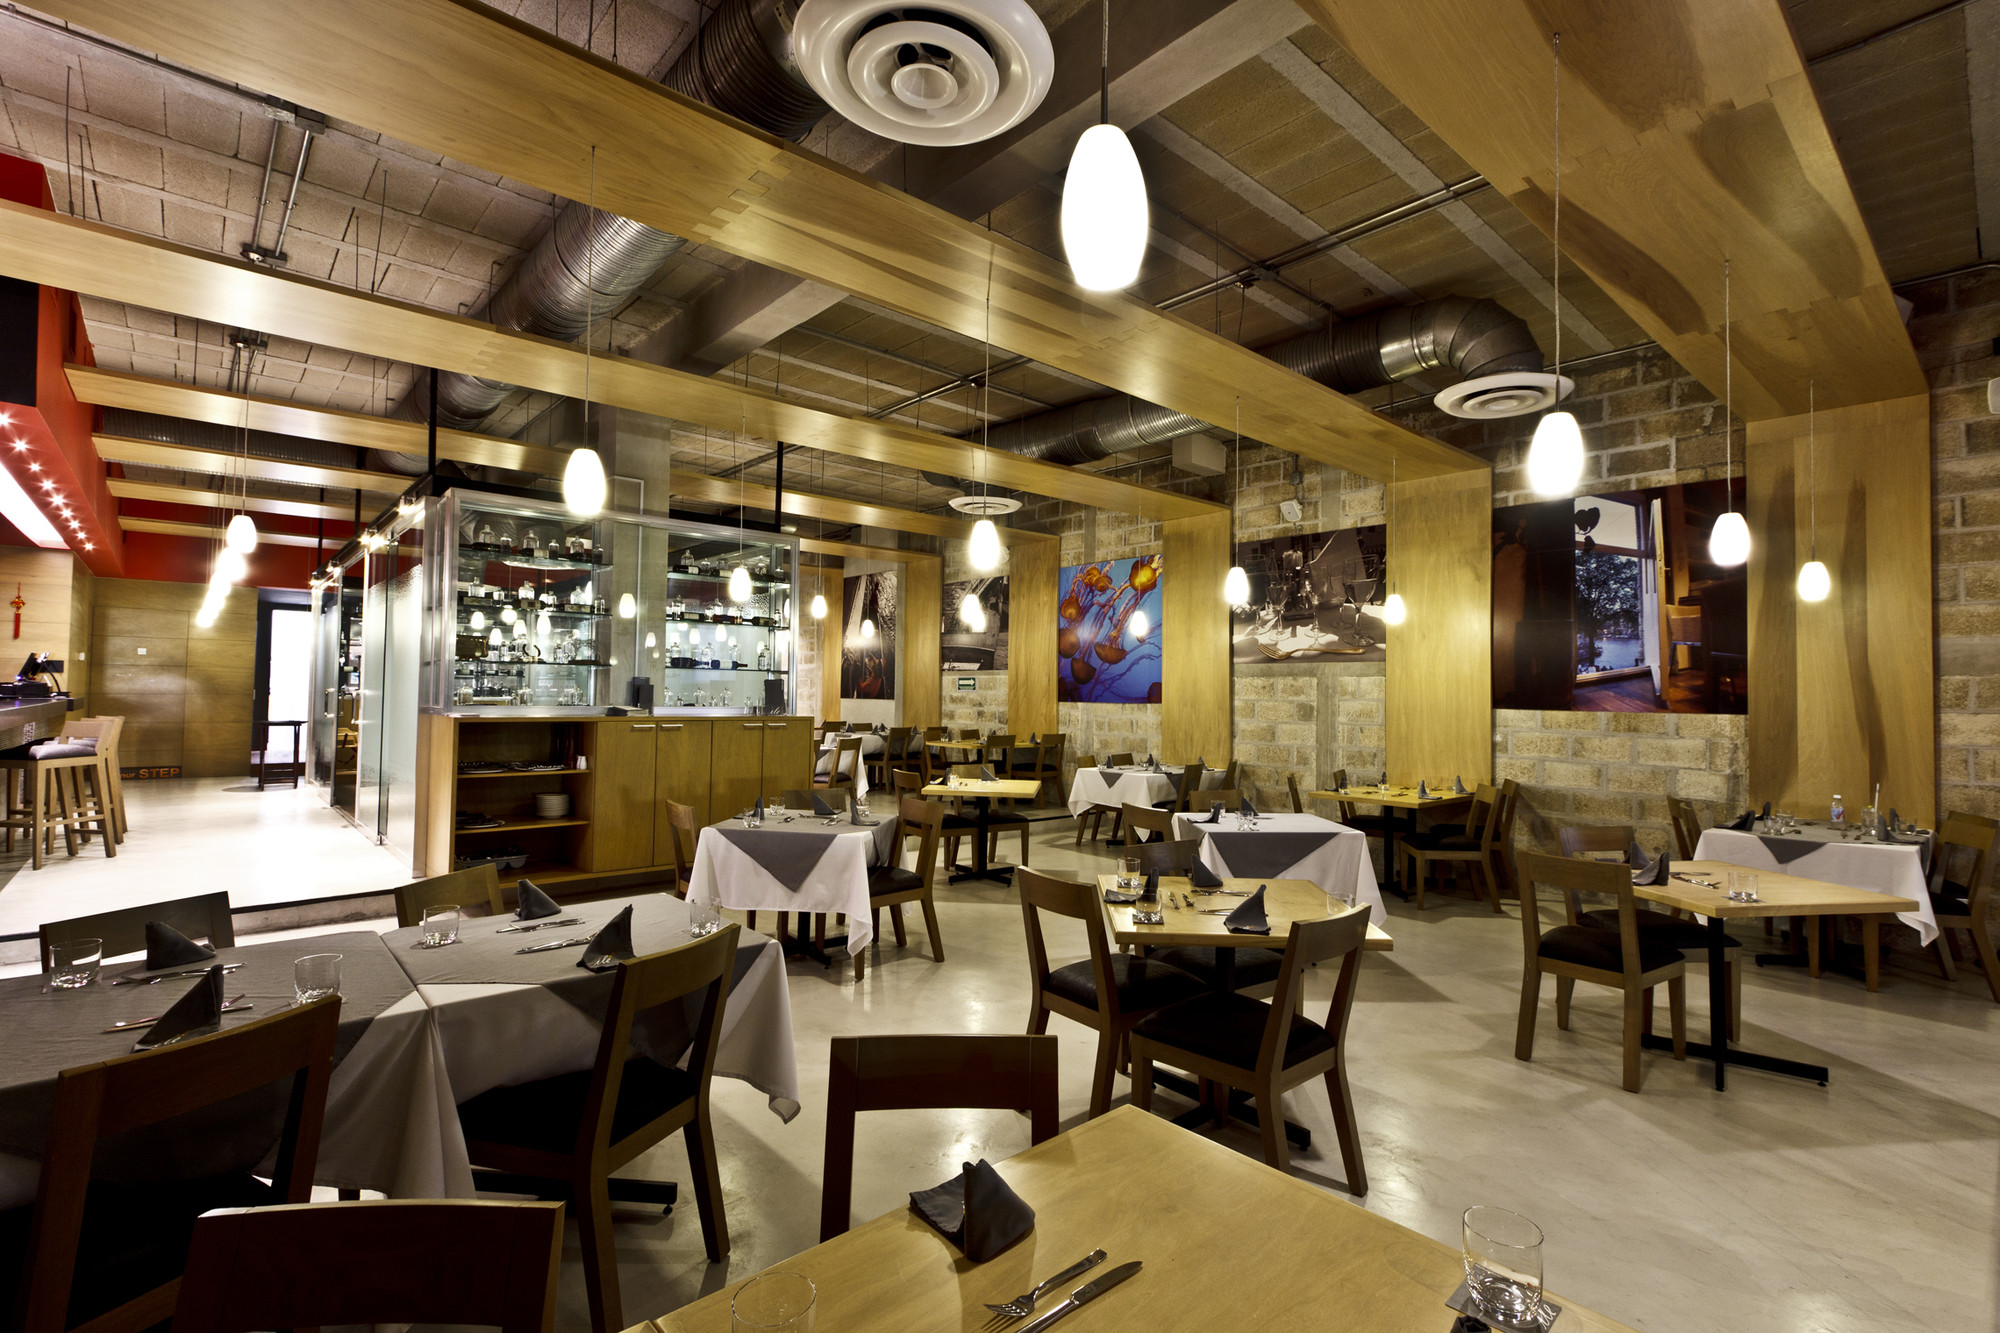 Galer a de restaurante il dox arquitectos 7 - Oficinas santa lucia madrid ...